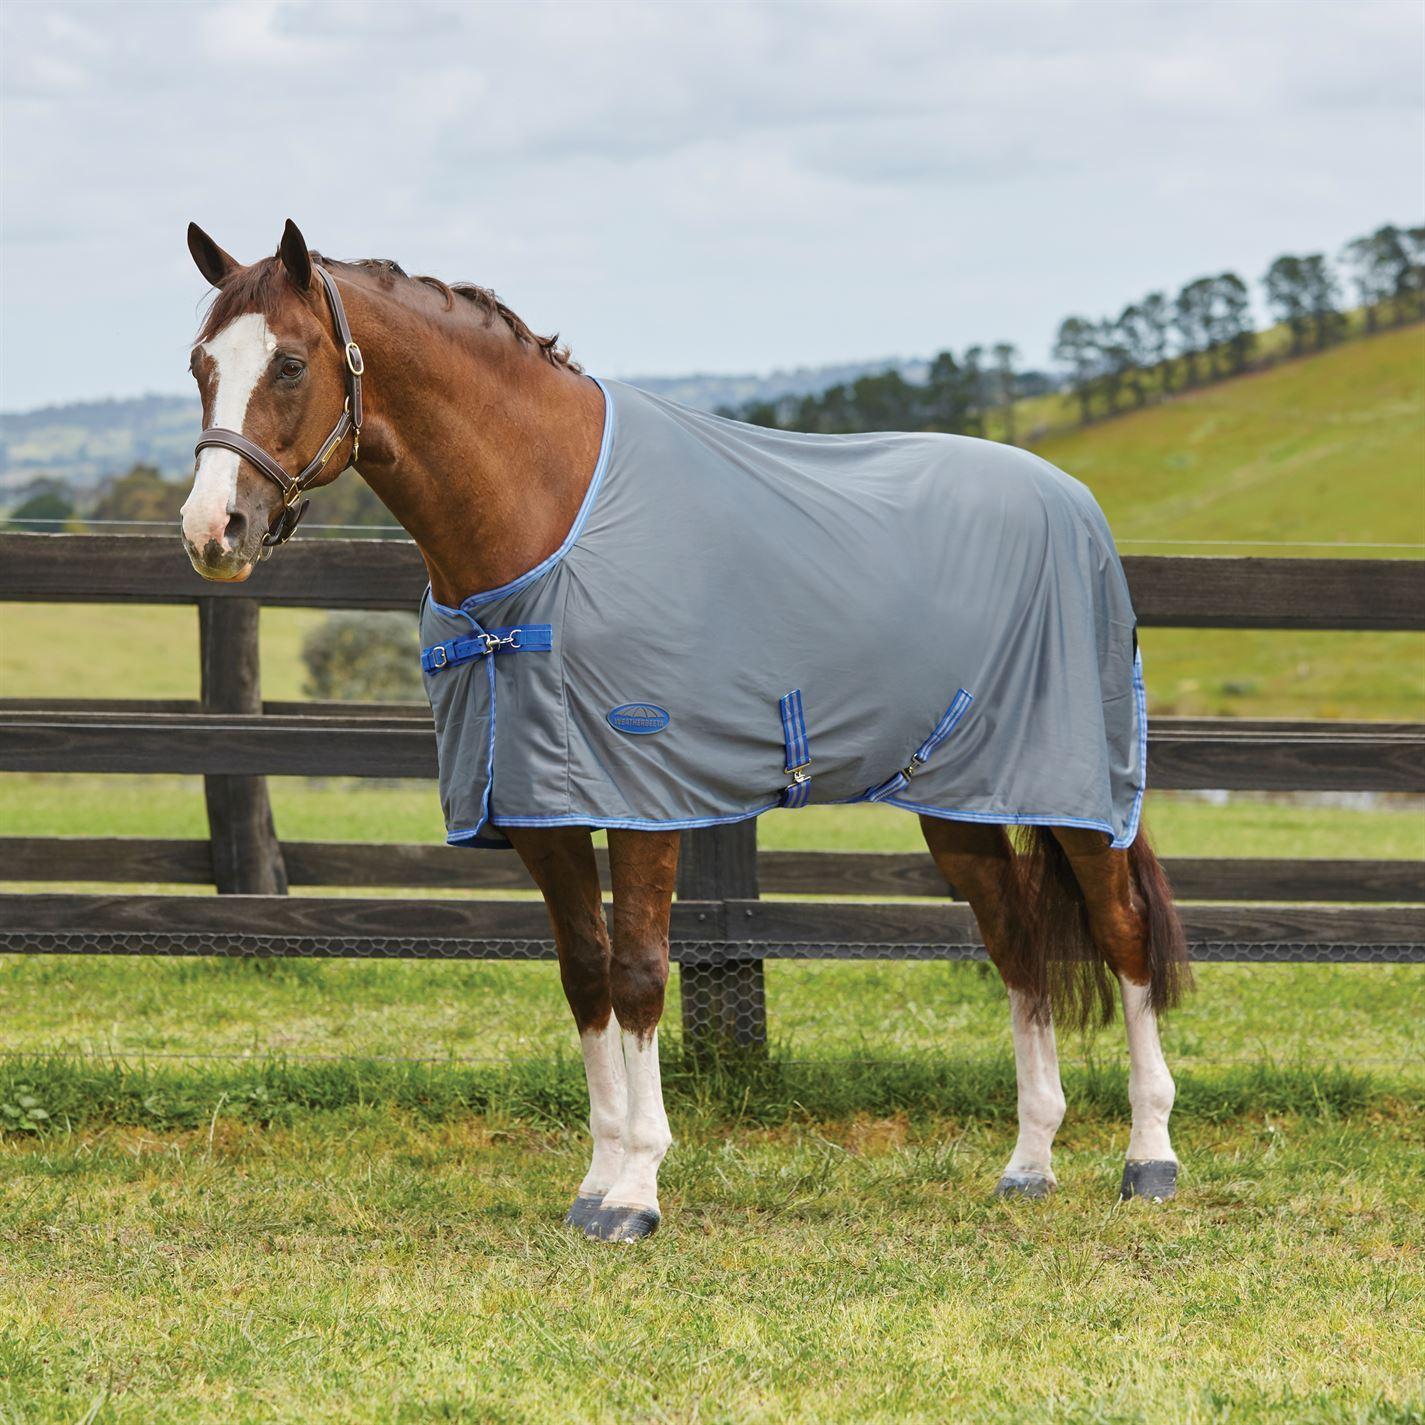 Weatherbeeta Ezi Dri Dri Ezi Std Cooler 83 Horse Rug f40528